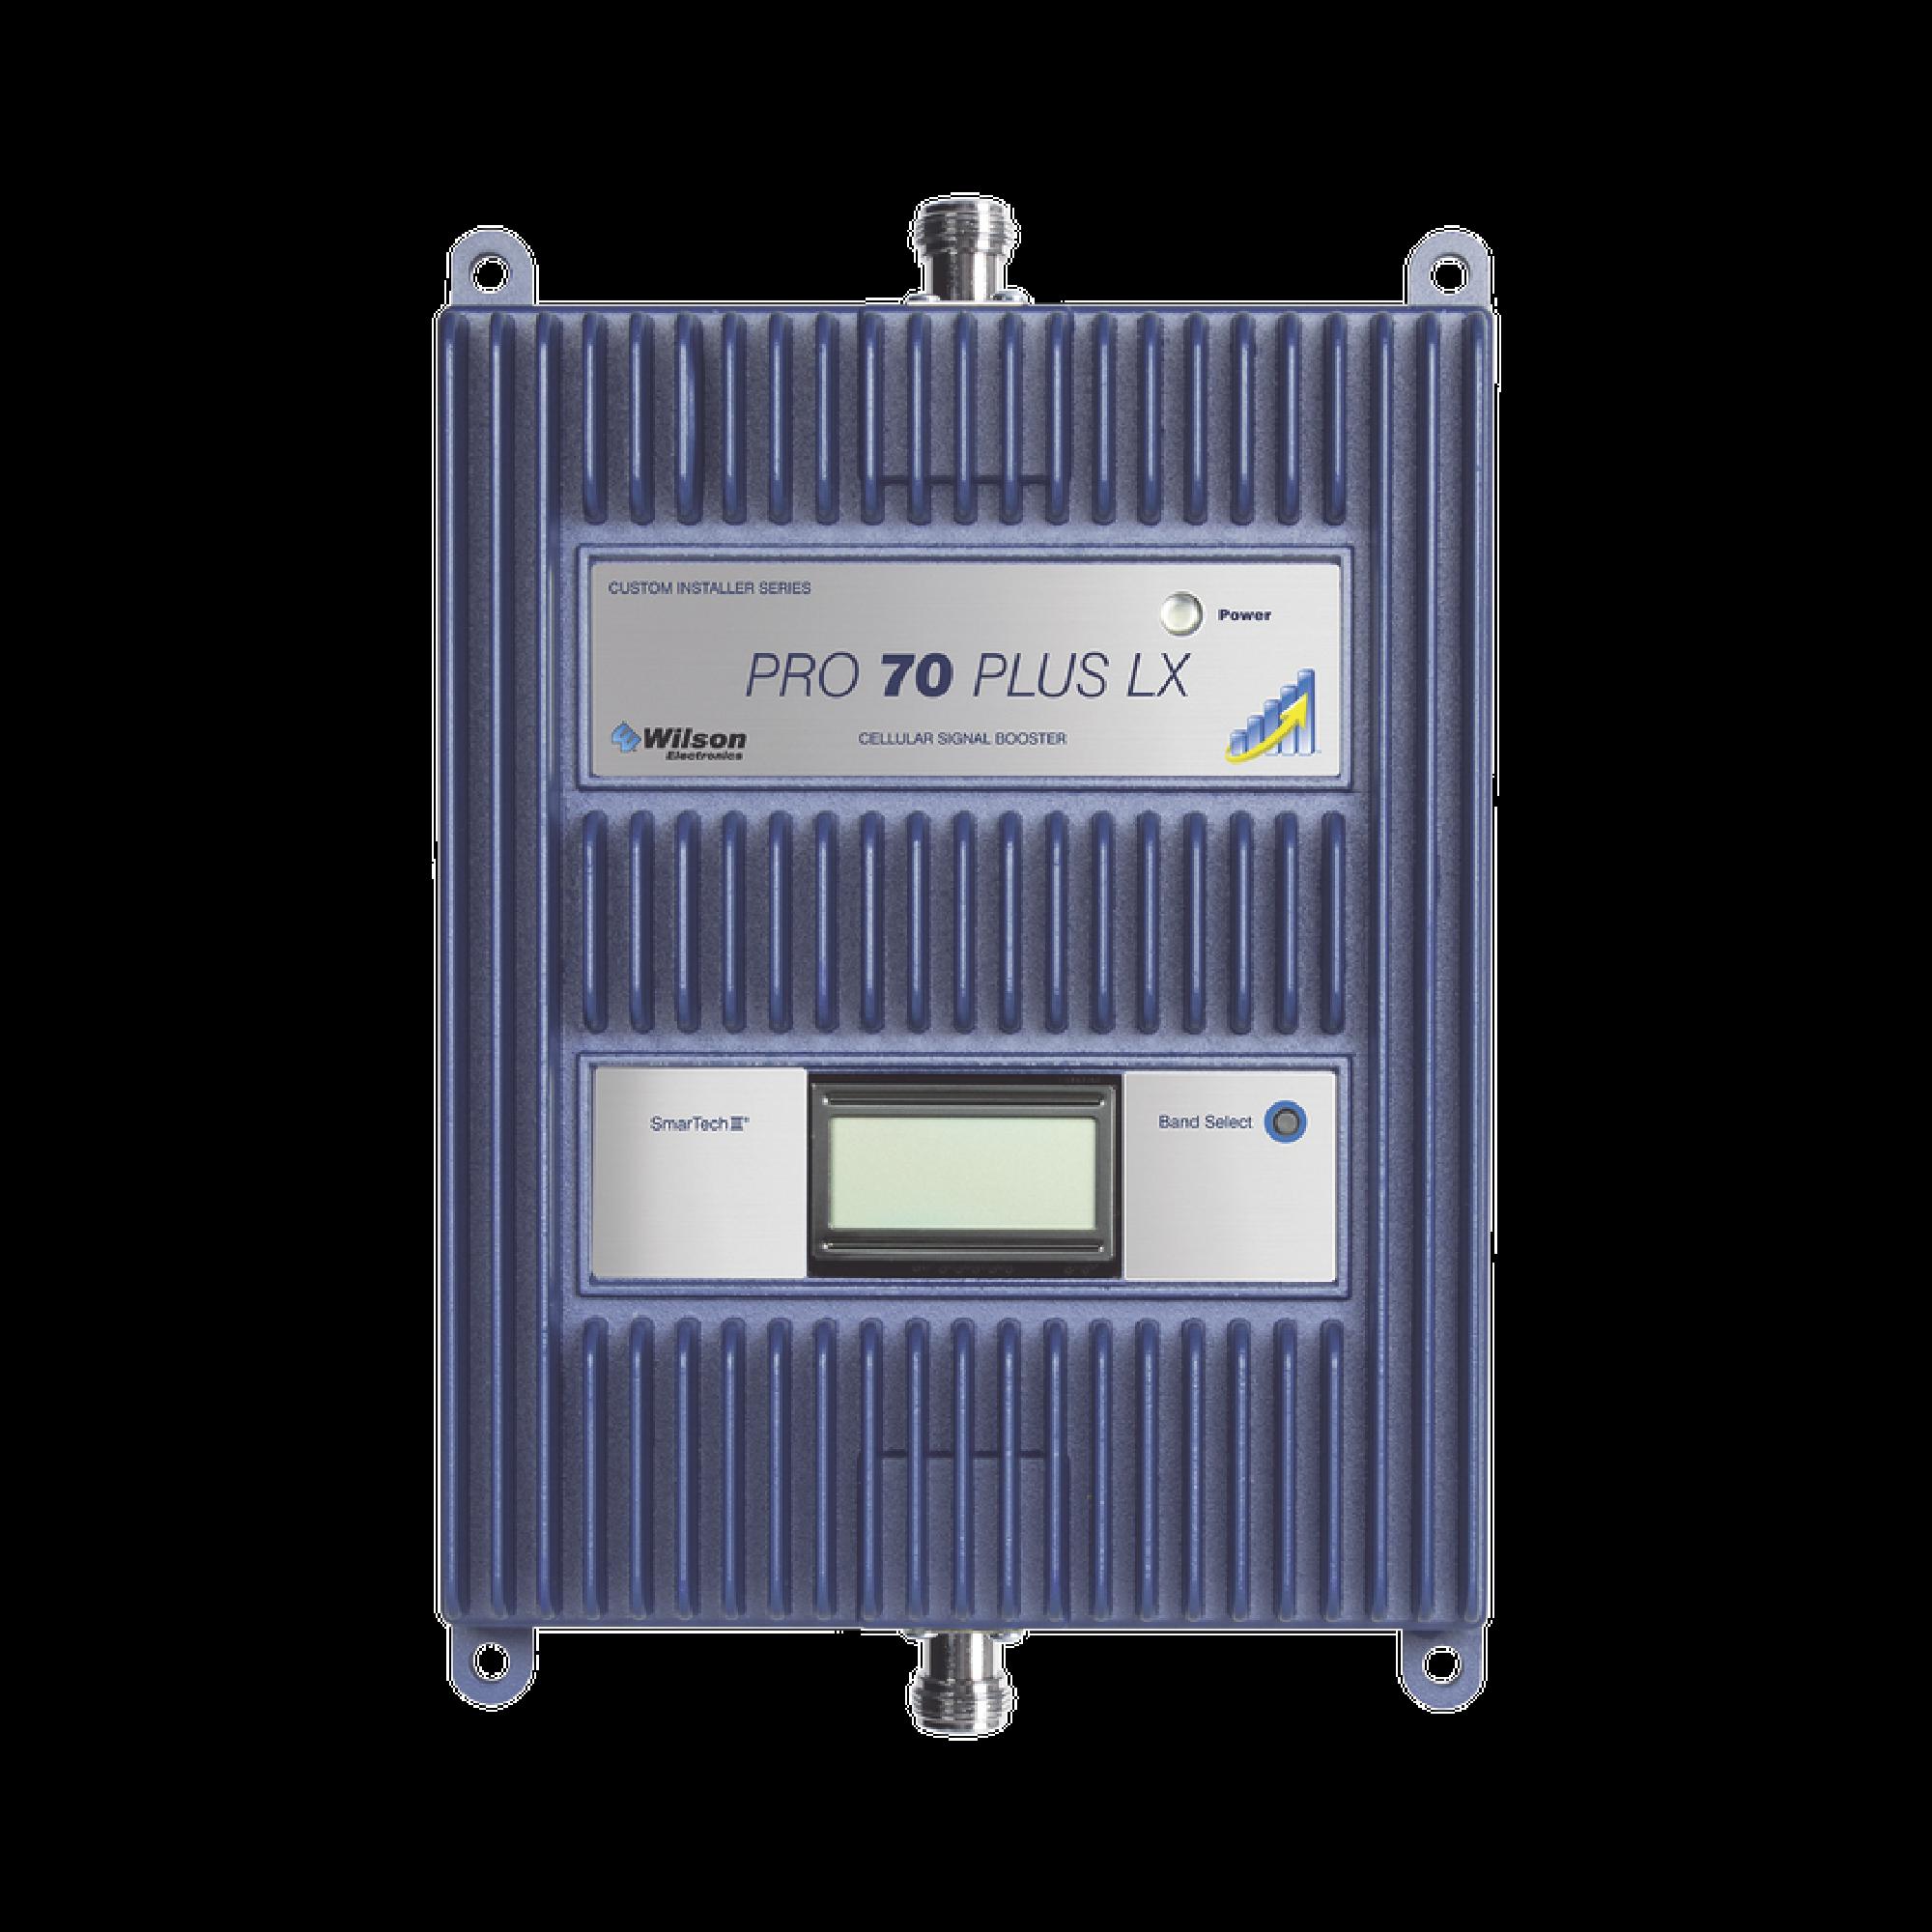 Amplificador de señal celular 4G LTE, 3G y VOZ. Especial para cubrir áreas de hasta 5000 Metros Cuadrados por ser de grado comercial e industrial. Soporta multiples operadores, tecnologias y usuarios.